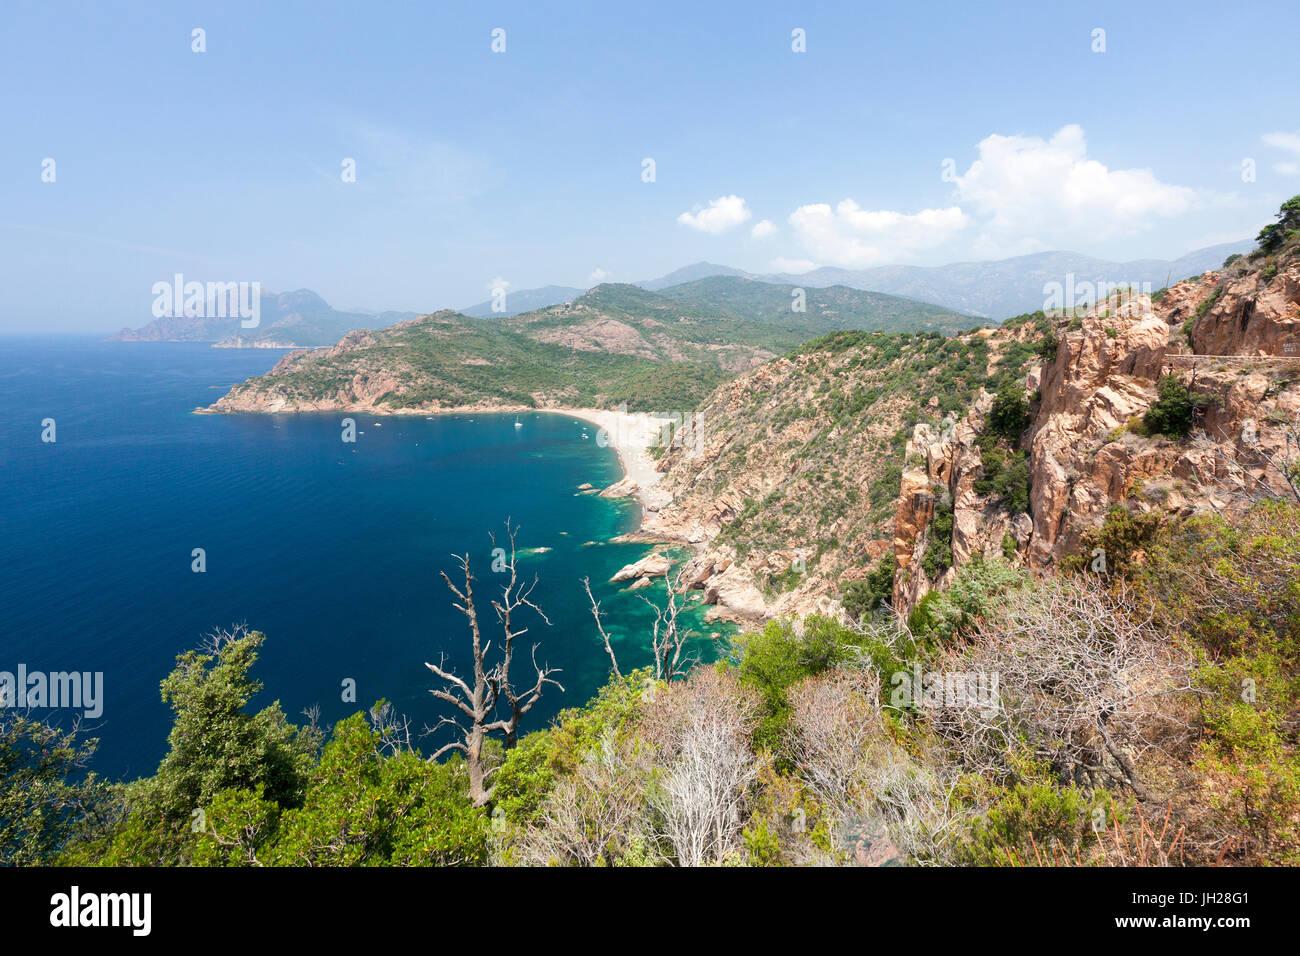 Vue de dessus de la mer turquoise et la plage de sable fin entouré par de la végétation verte sur Photo Stock